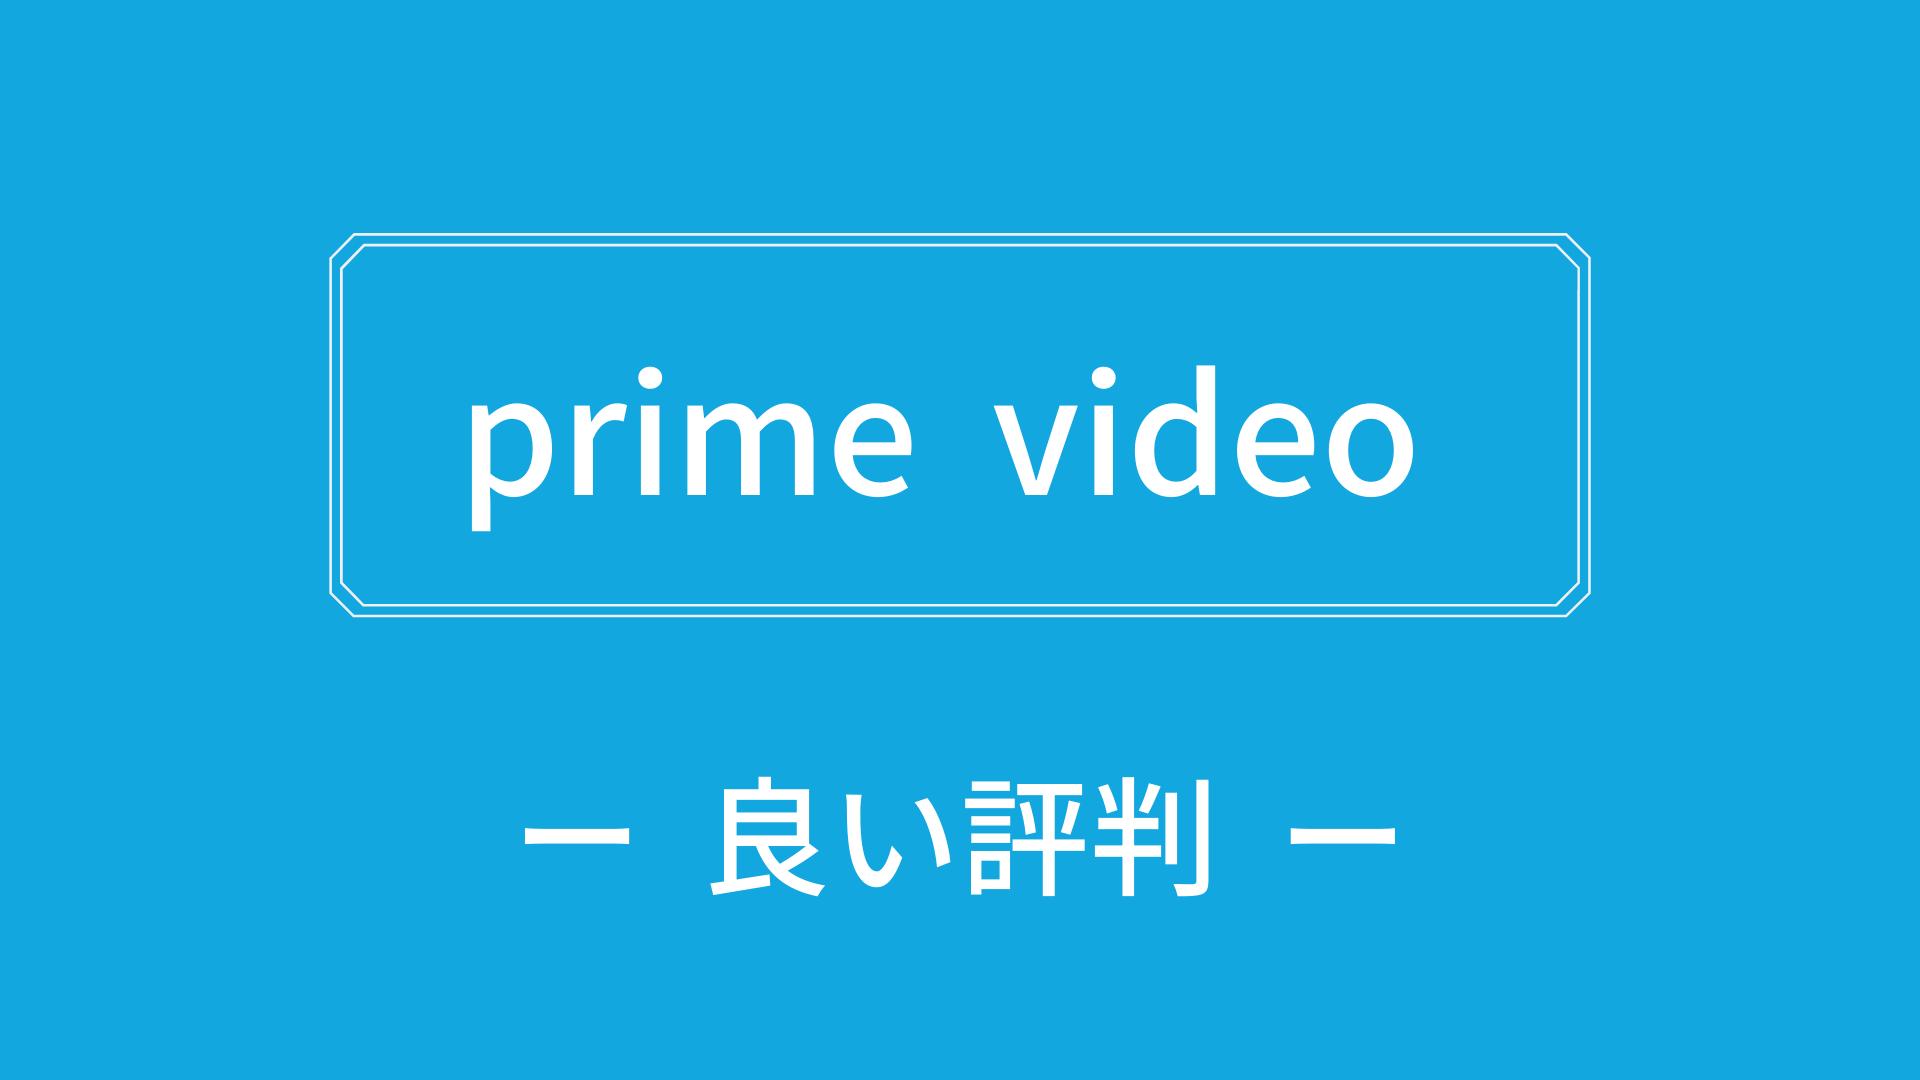 Amazonプライムビデオの良い評判・口コミ